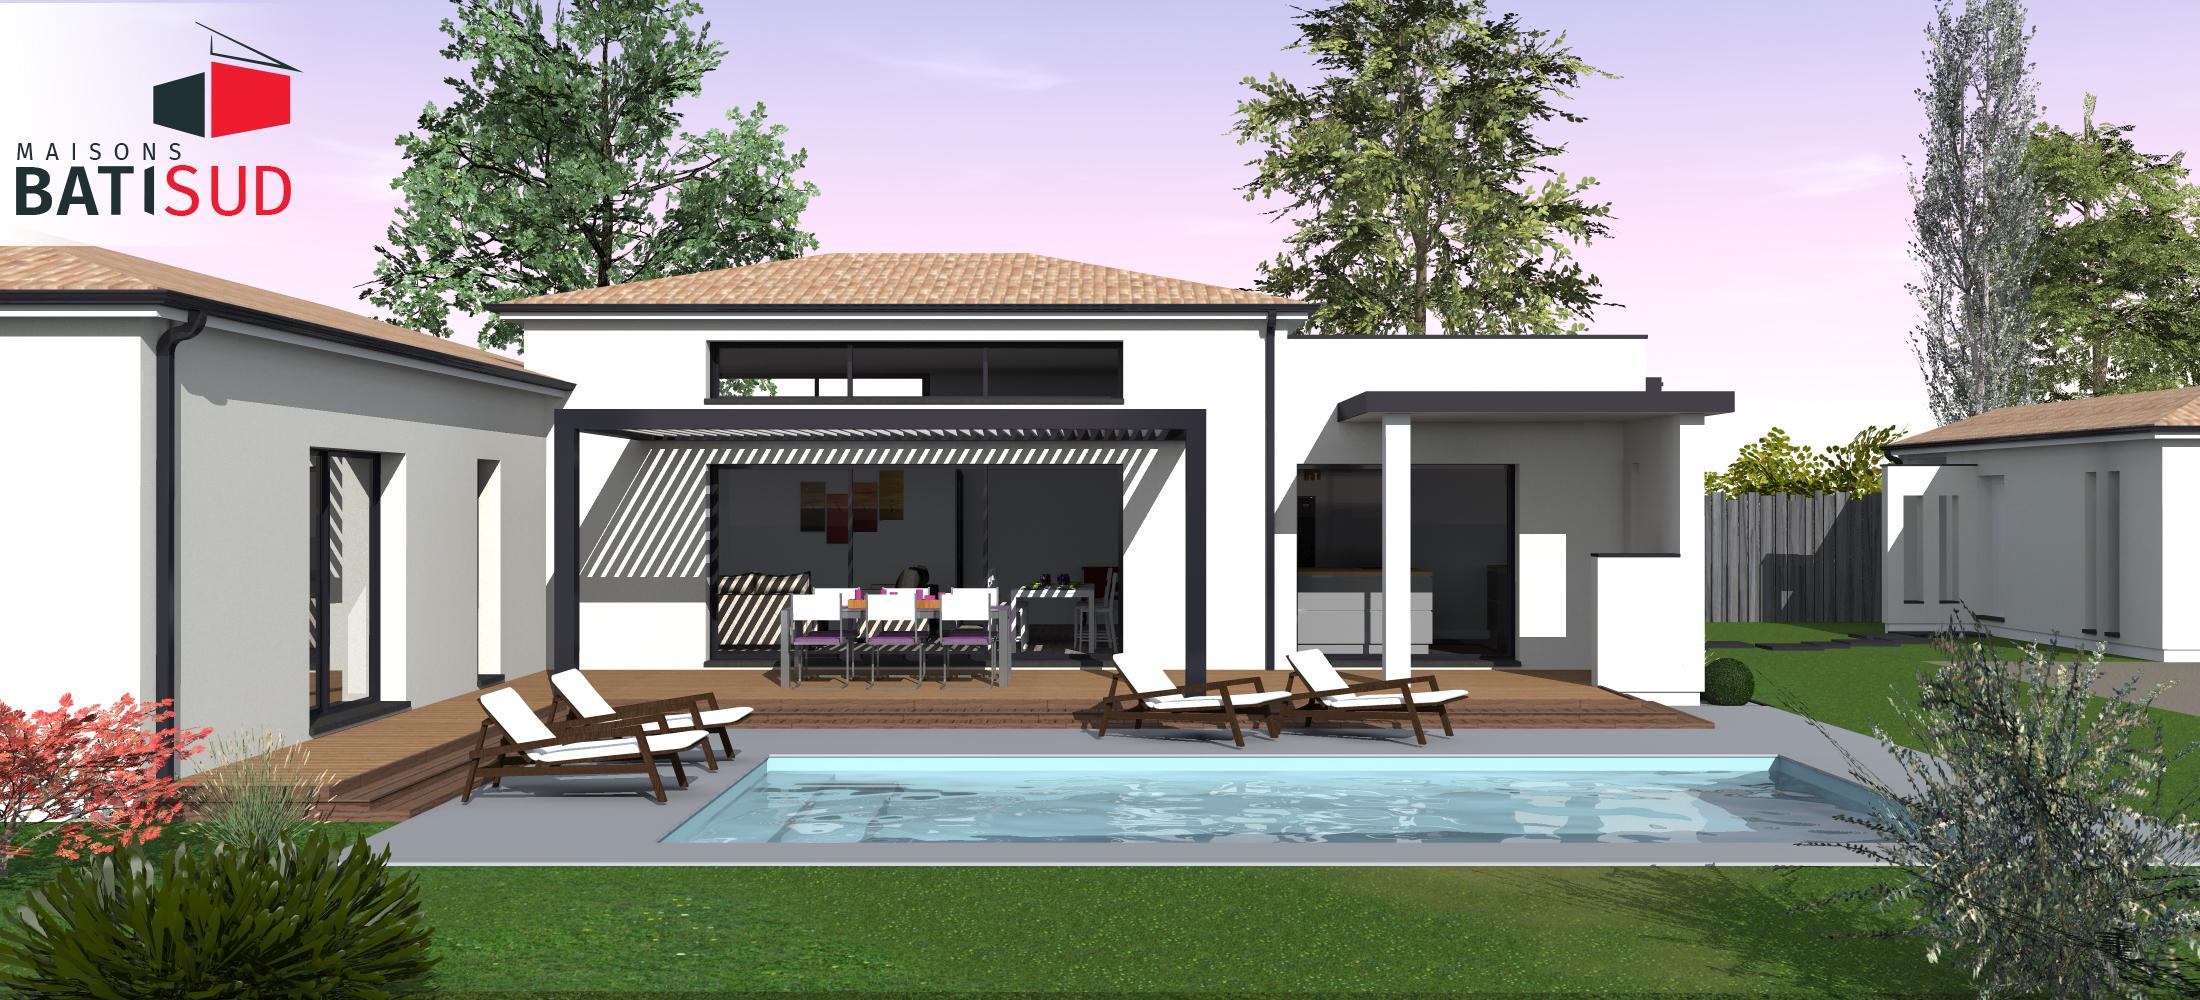 Maisons Bati Sud : Très belle maison moderne avec solarium et terrasse couverte. 6